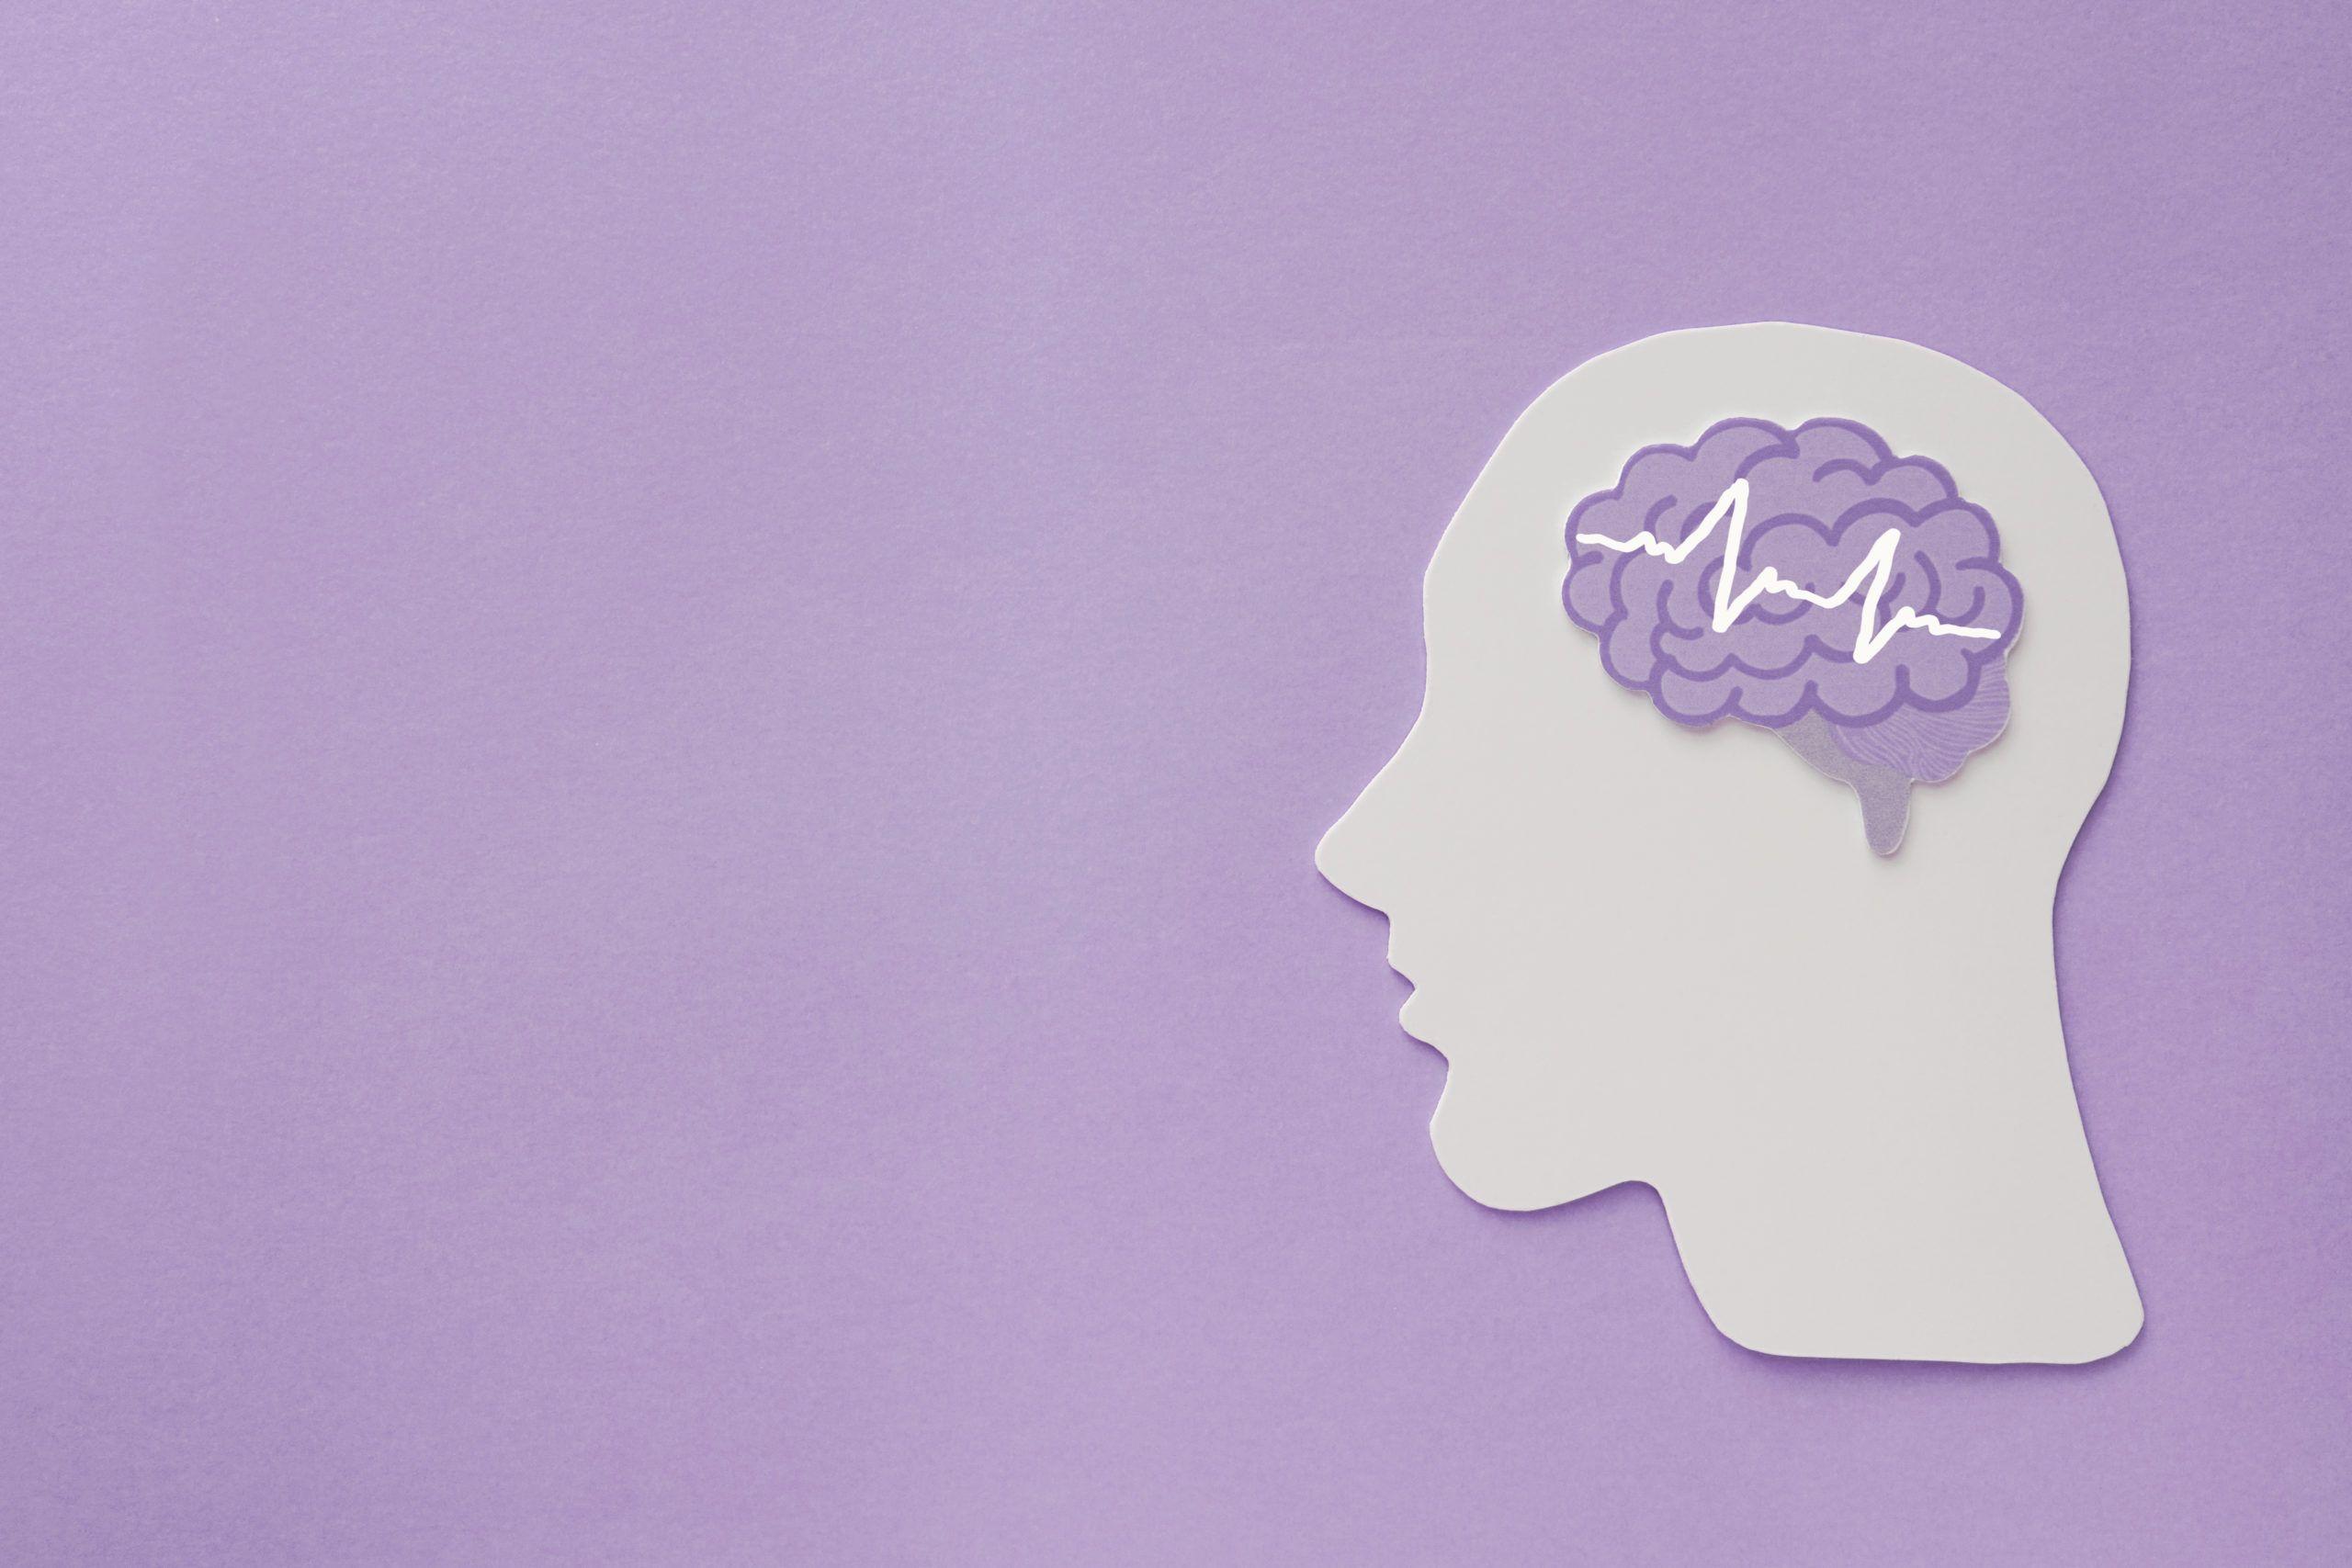 O que é epilepsia e o que você precisa saber sobre ela?